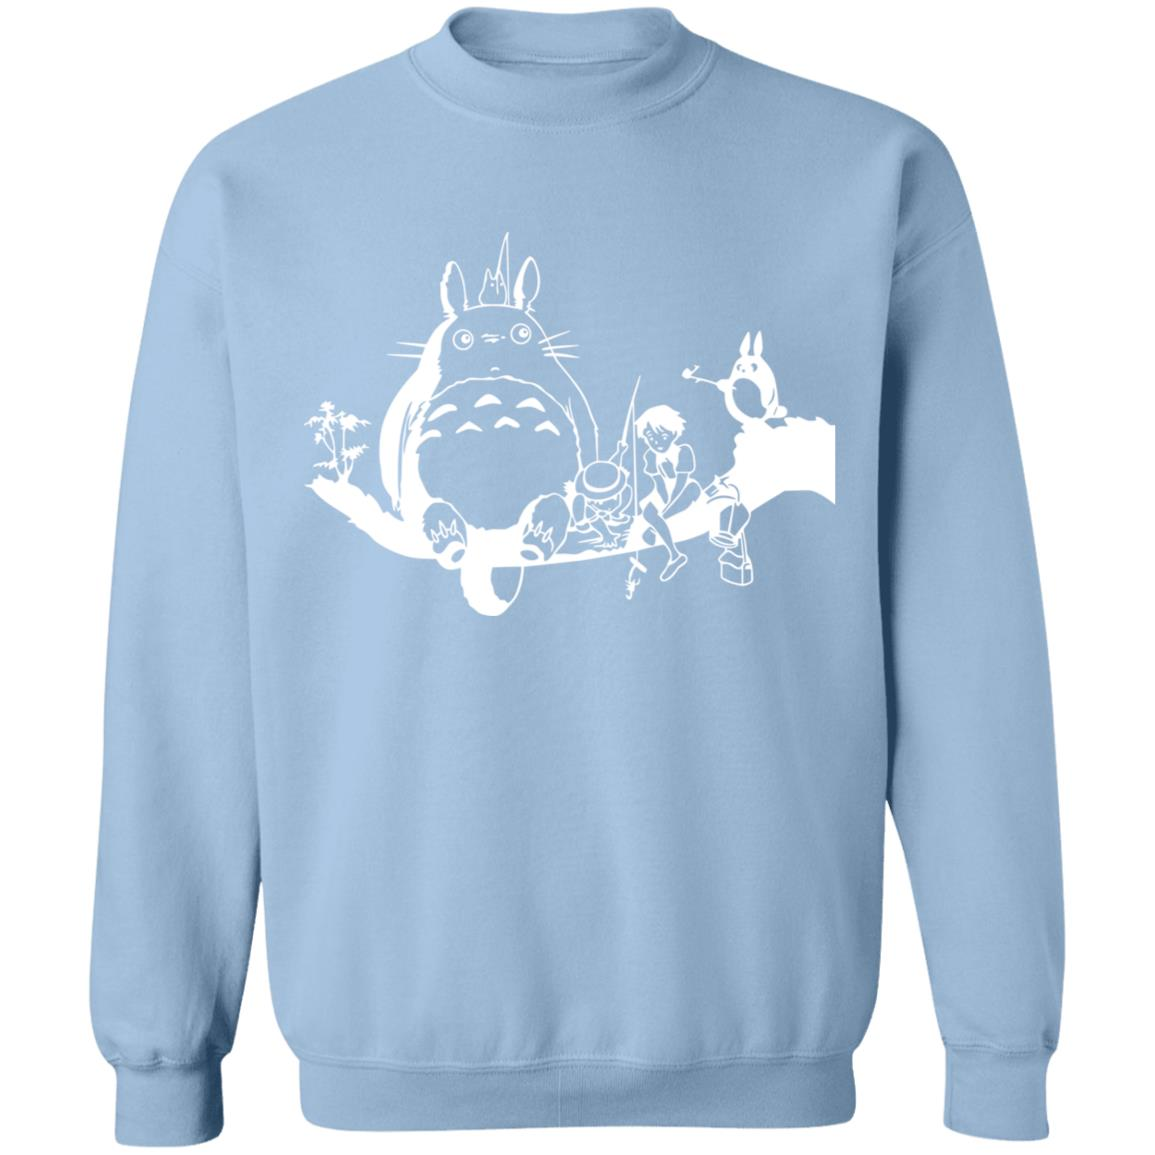 My Neighbor Totoro – Fishing Retro Sweatshirt